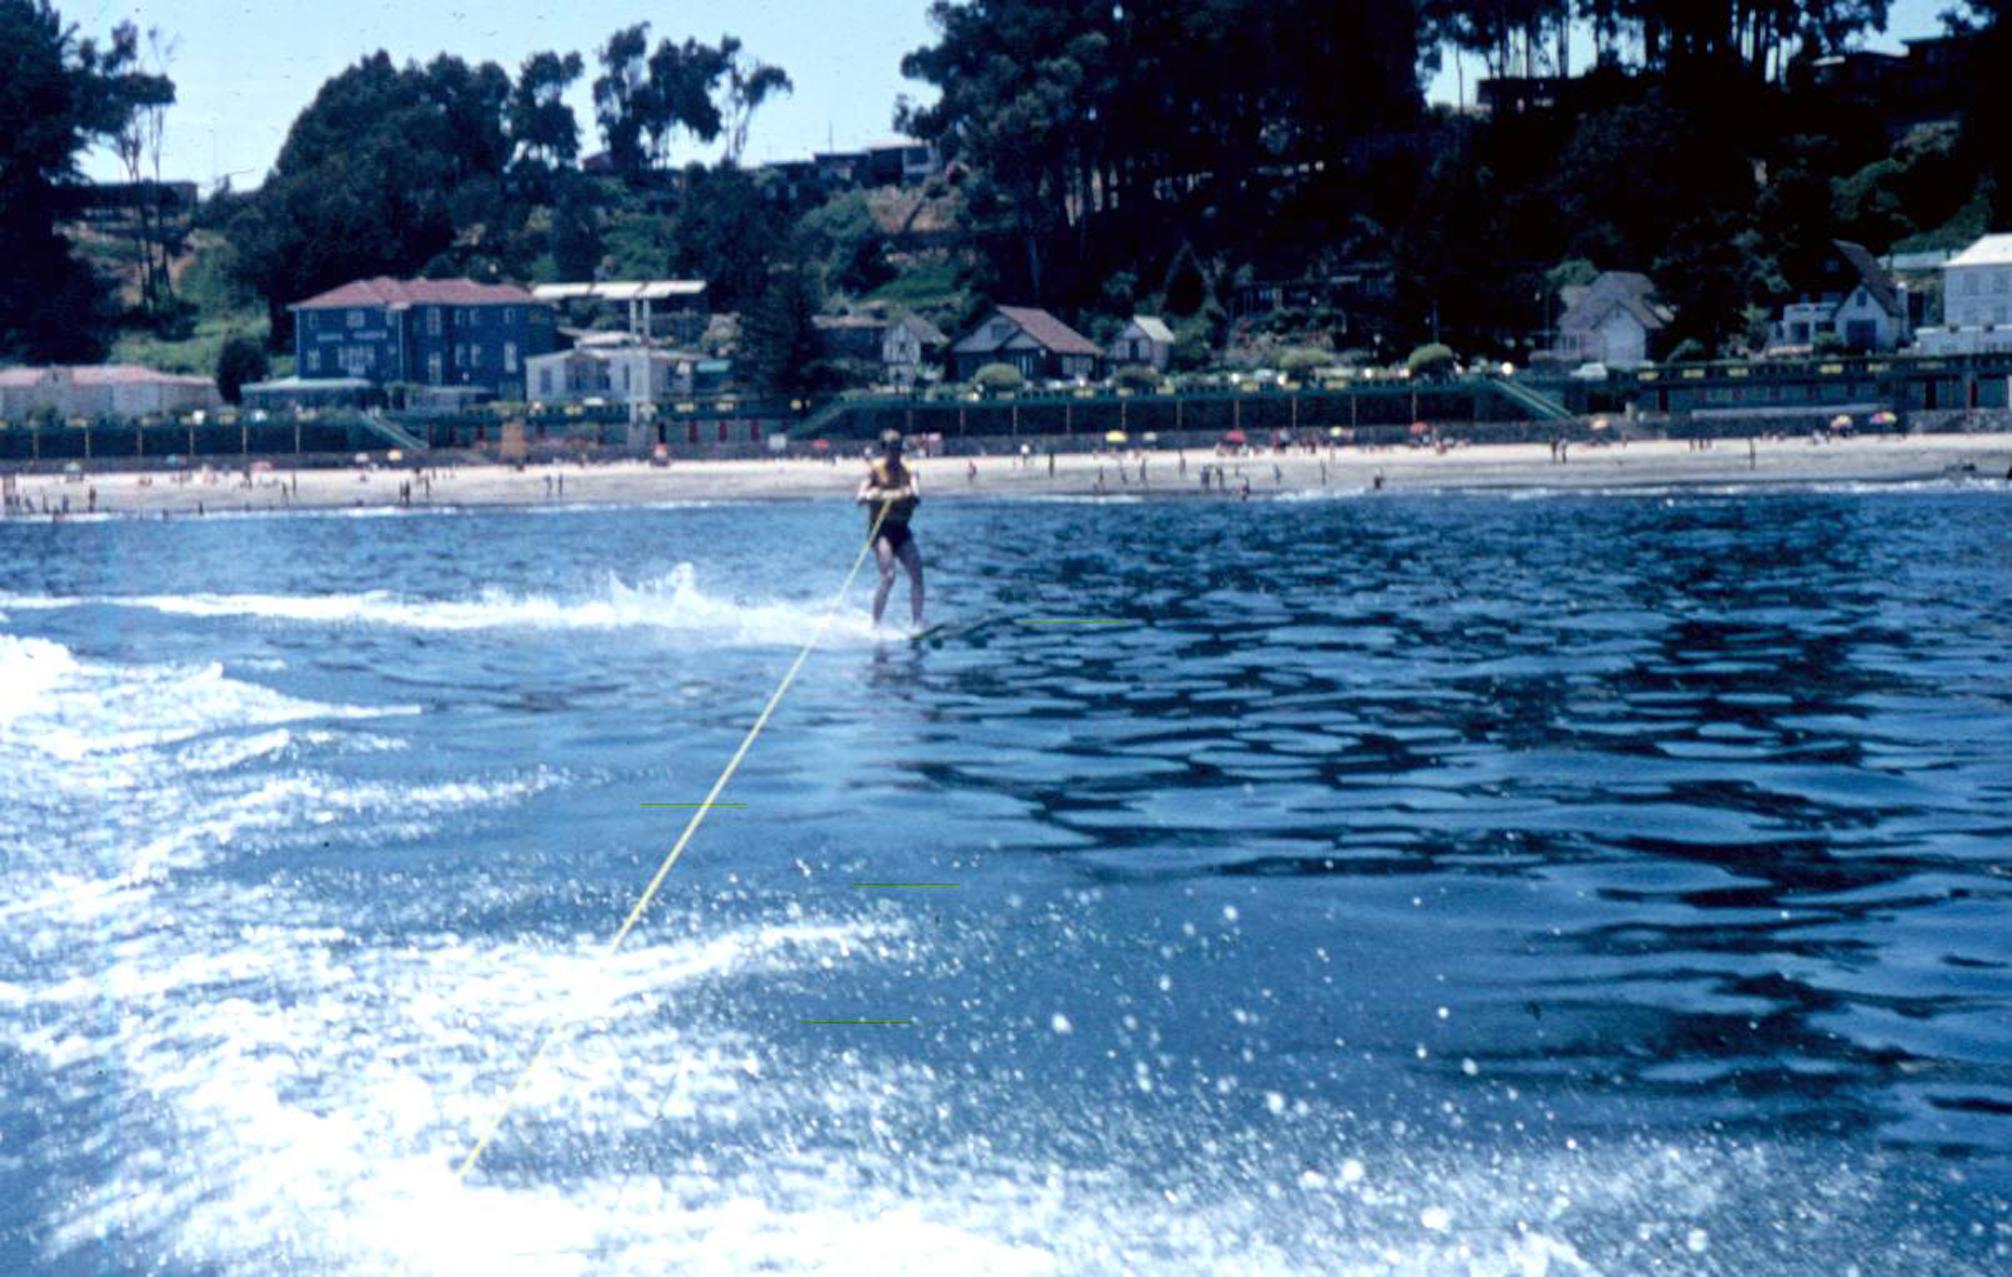 Enterreno - Fotos históricas de chile - fotos antiguas de Chile - Esquí acuático frente a la Playa Amarilla de Concón, 1970